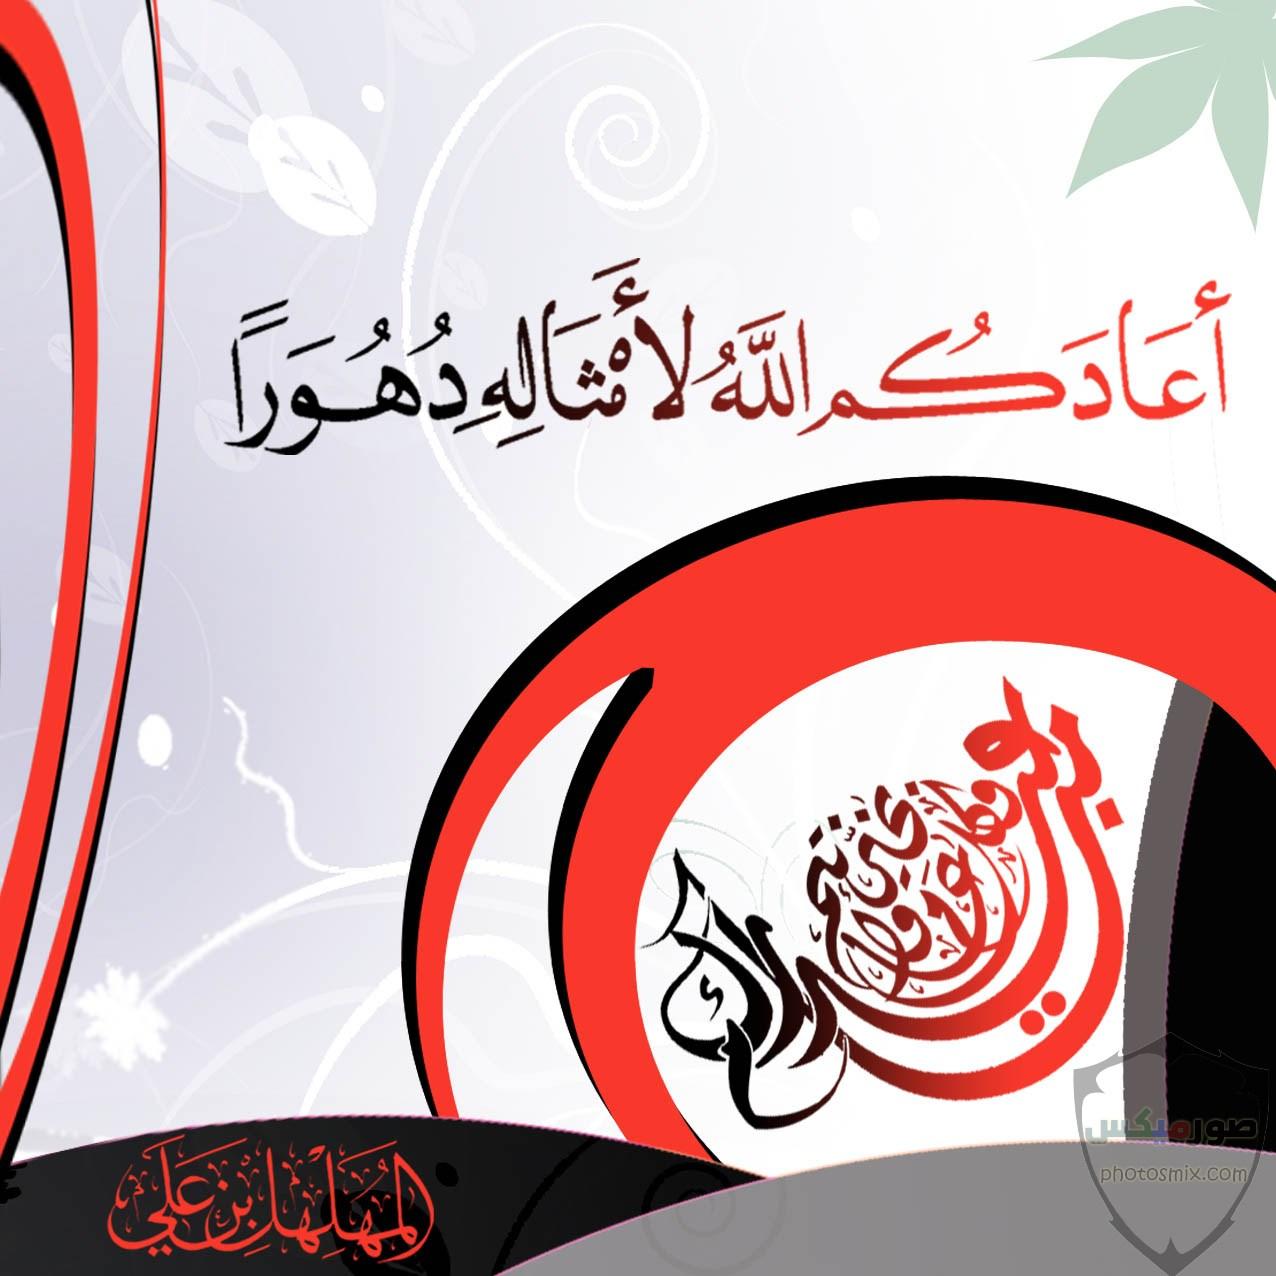 مظاهر الاحتفال بعيد الفطر 6